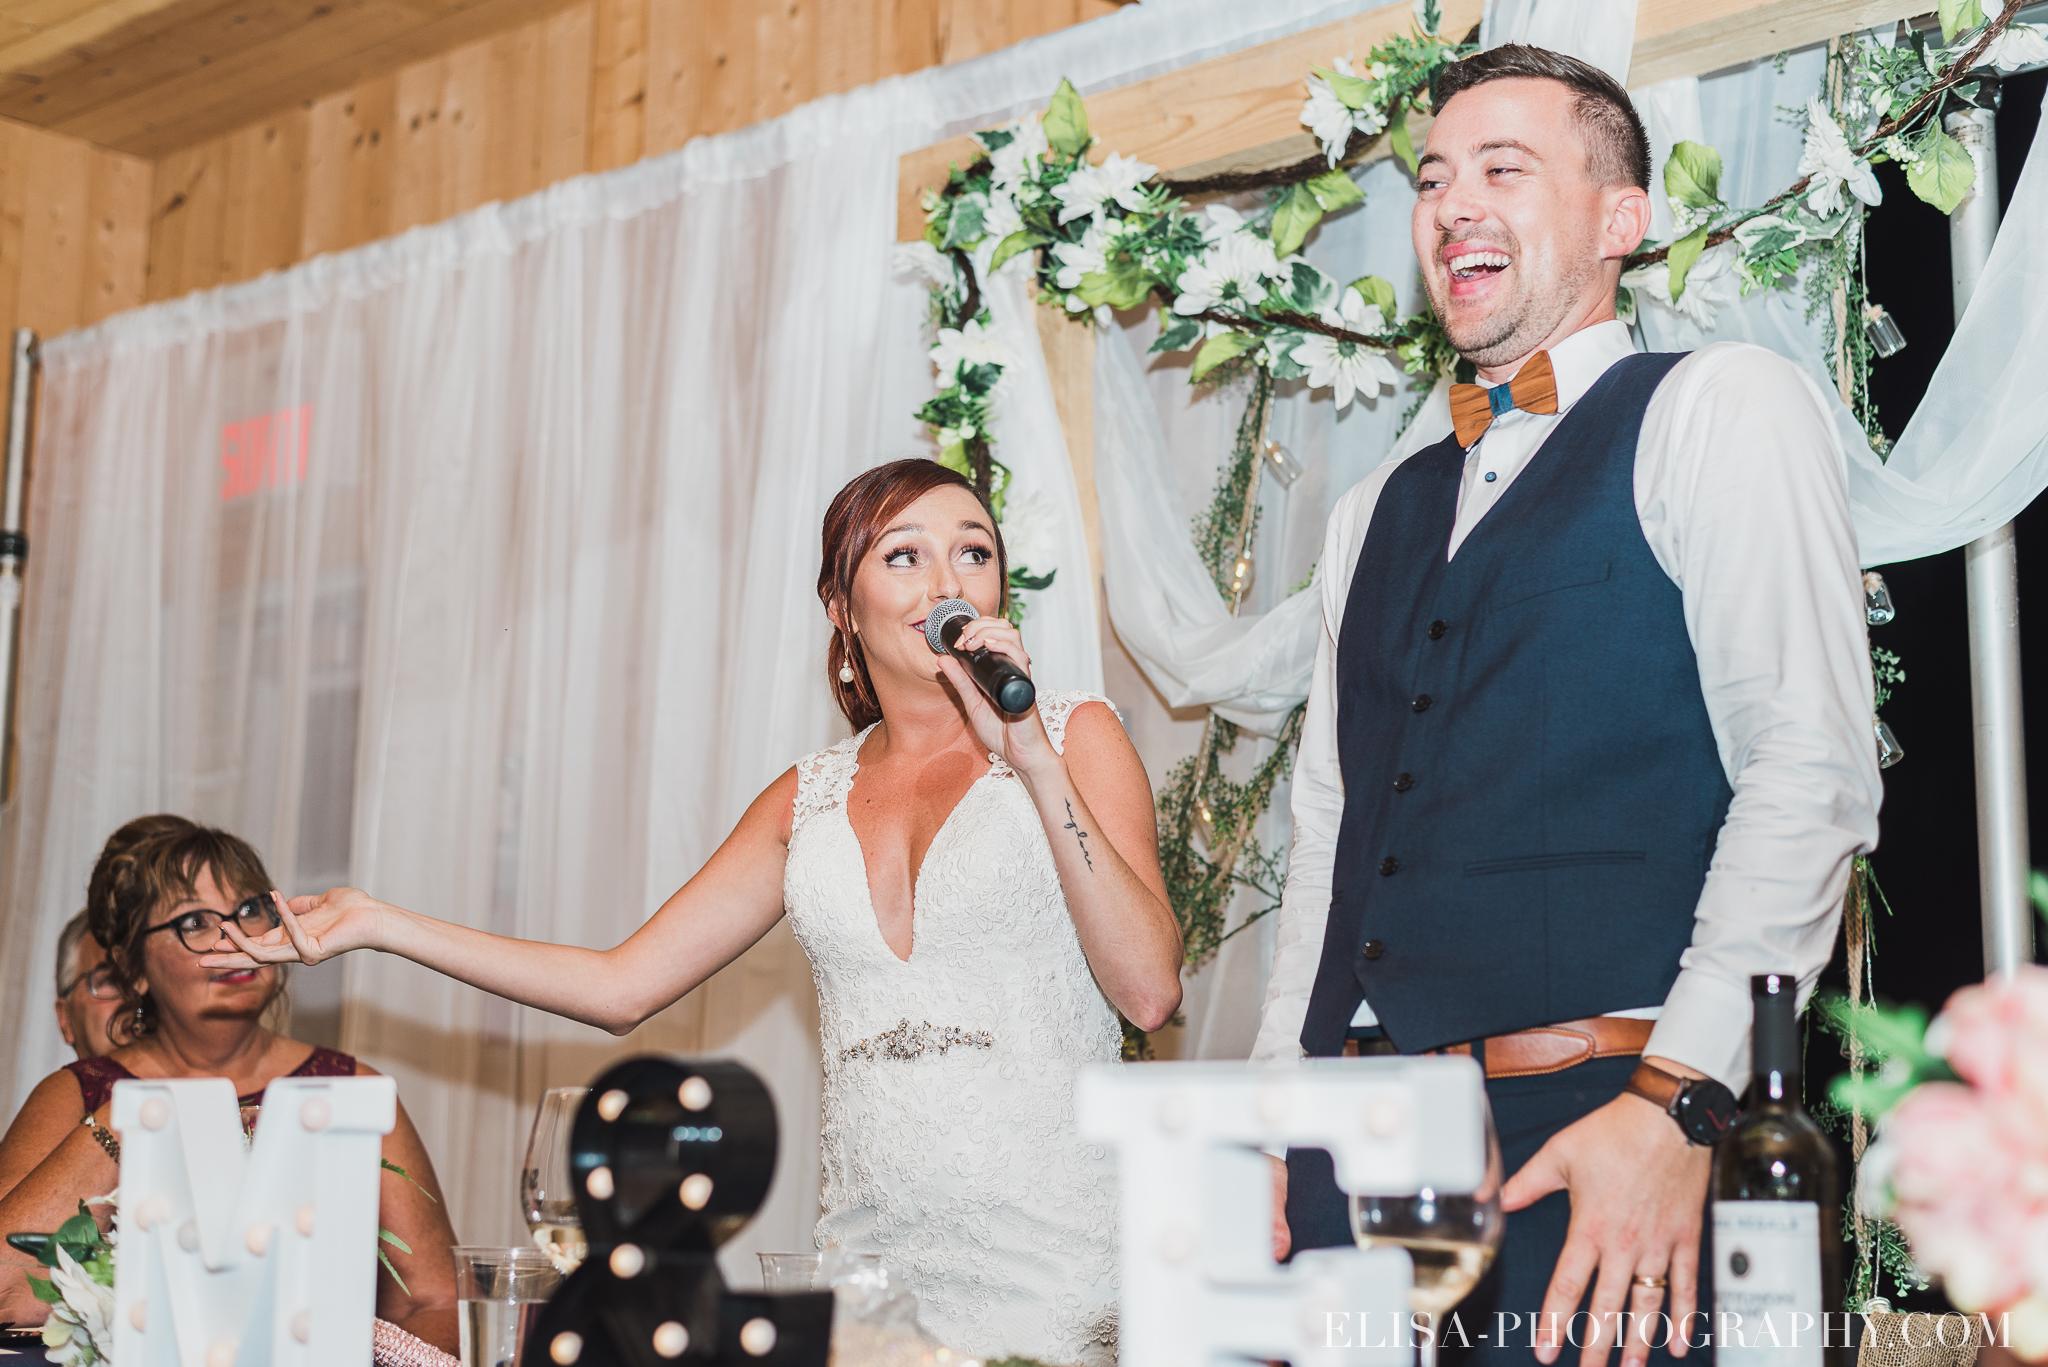 photo mariage ferme genest reception verger pommier quebec 2493 - Smoke bomb et mariage dans les vergers de la Ferme Genest à Saint-Nicolas